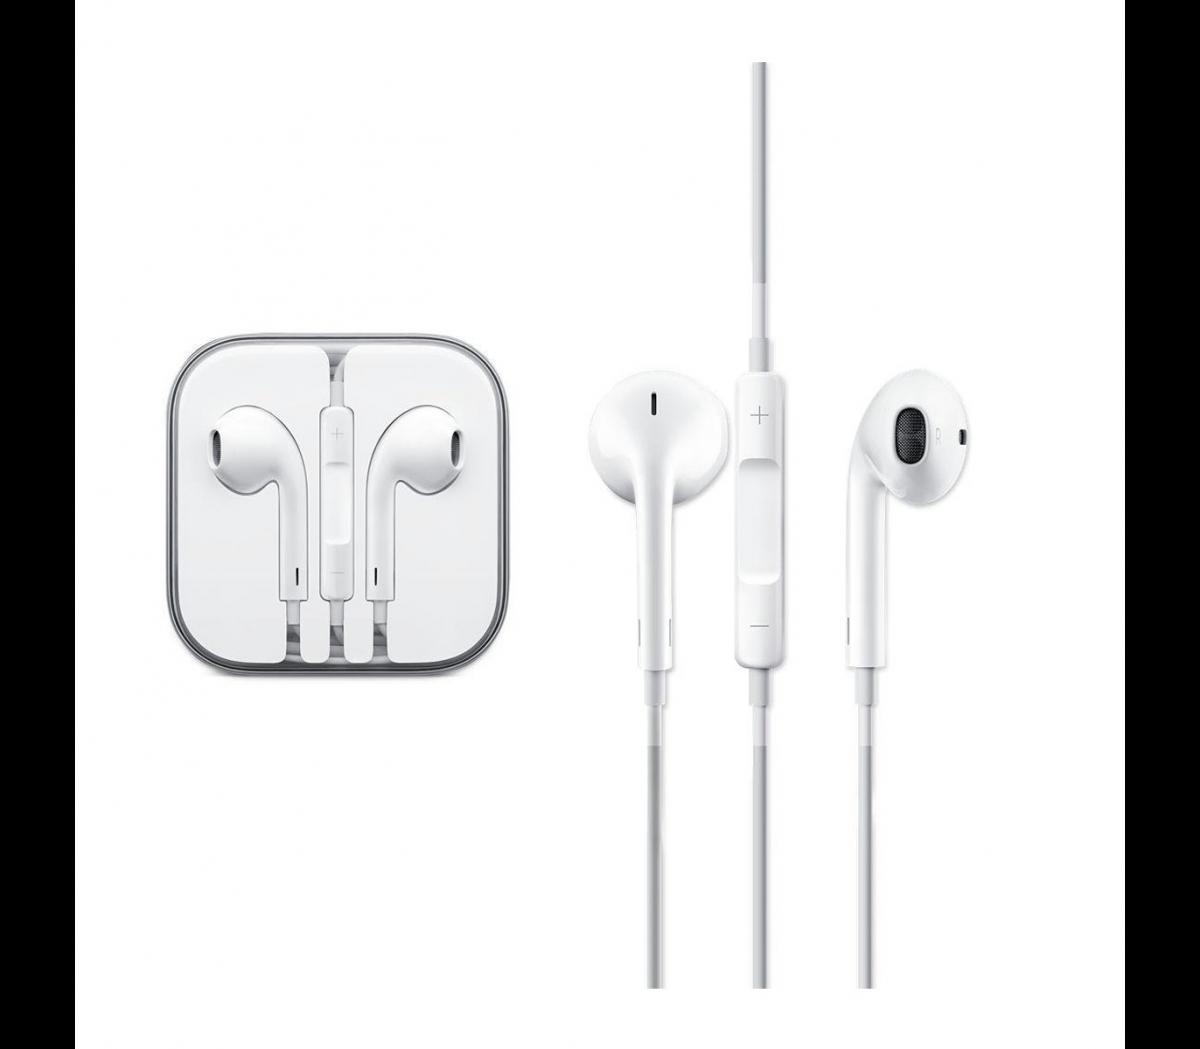 Проводная стерео-гарнитура Devia Smart EarPods (вкладыши с микрофоном и пультом) белыйПроводные гарнитуры для телефонов<br>Проводная стерео-гарнитура Devia Smart EarPods (вкладыши с микрофоном и пультом) белый<br>